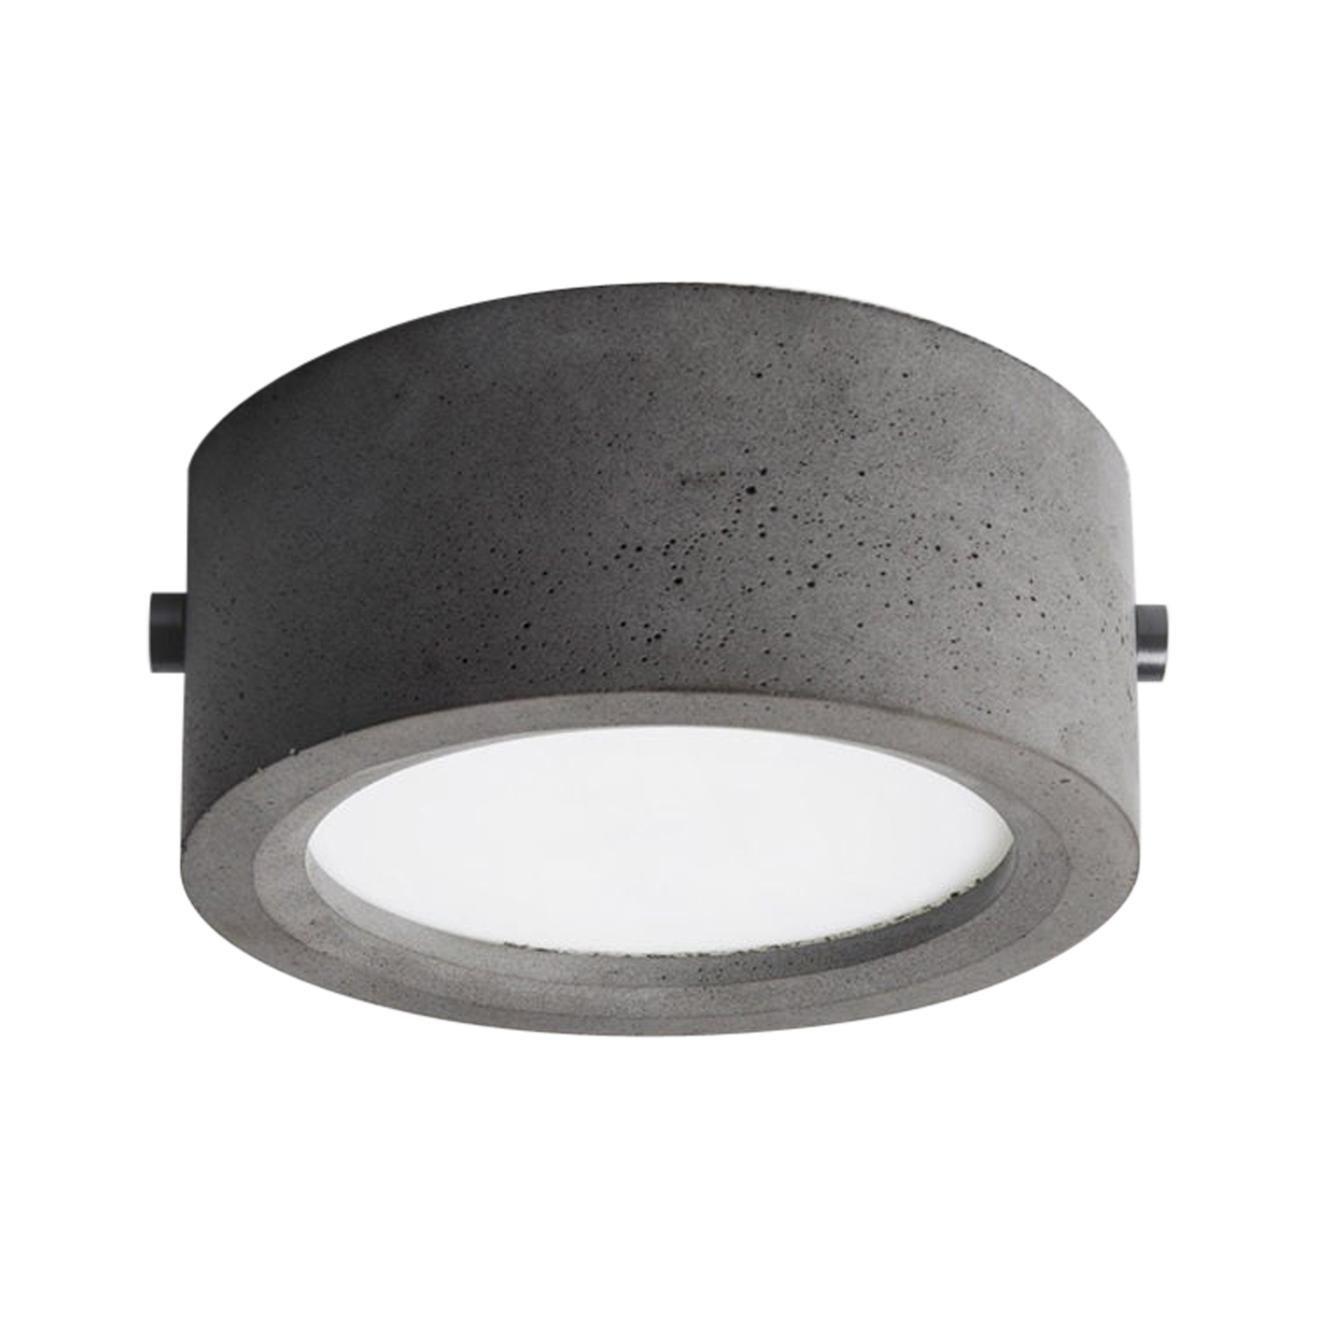 Concrete Ceiling Light 'Huan' 'Small'